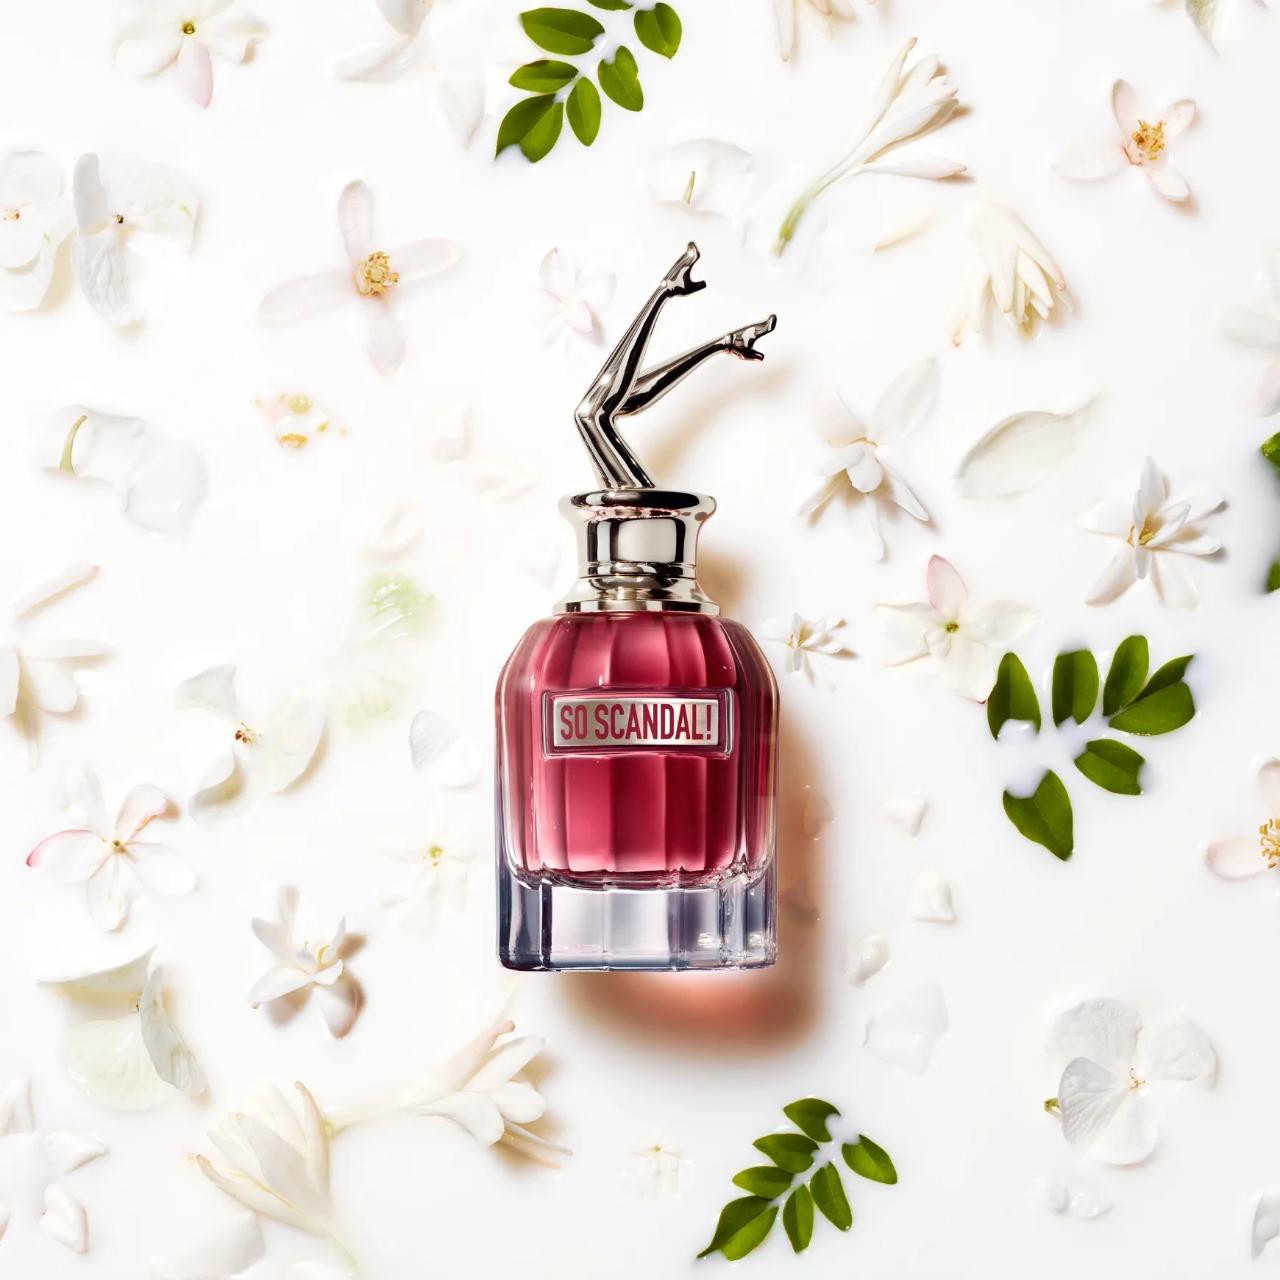 So Scandal Jean Paul Gautier Eau de Parfum 80ml